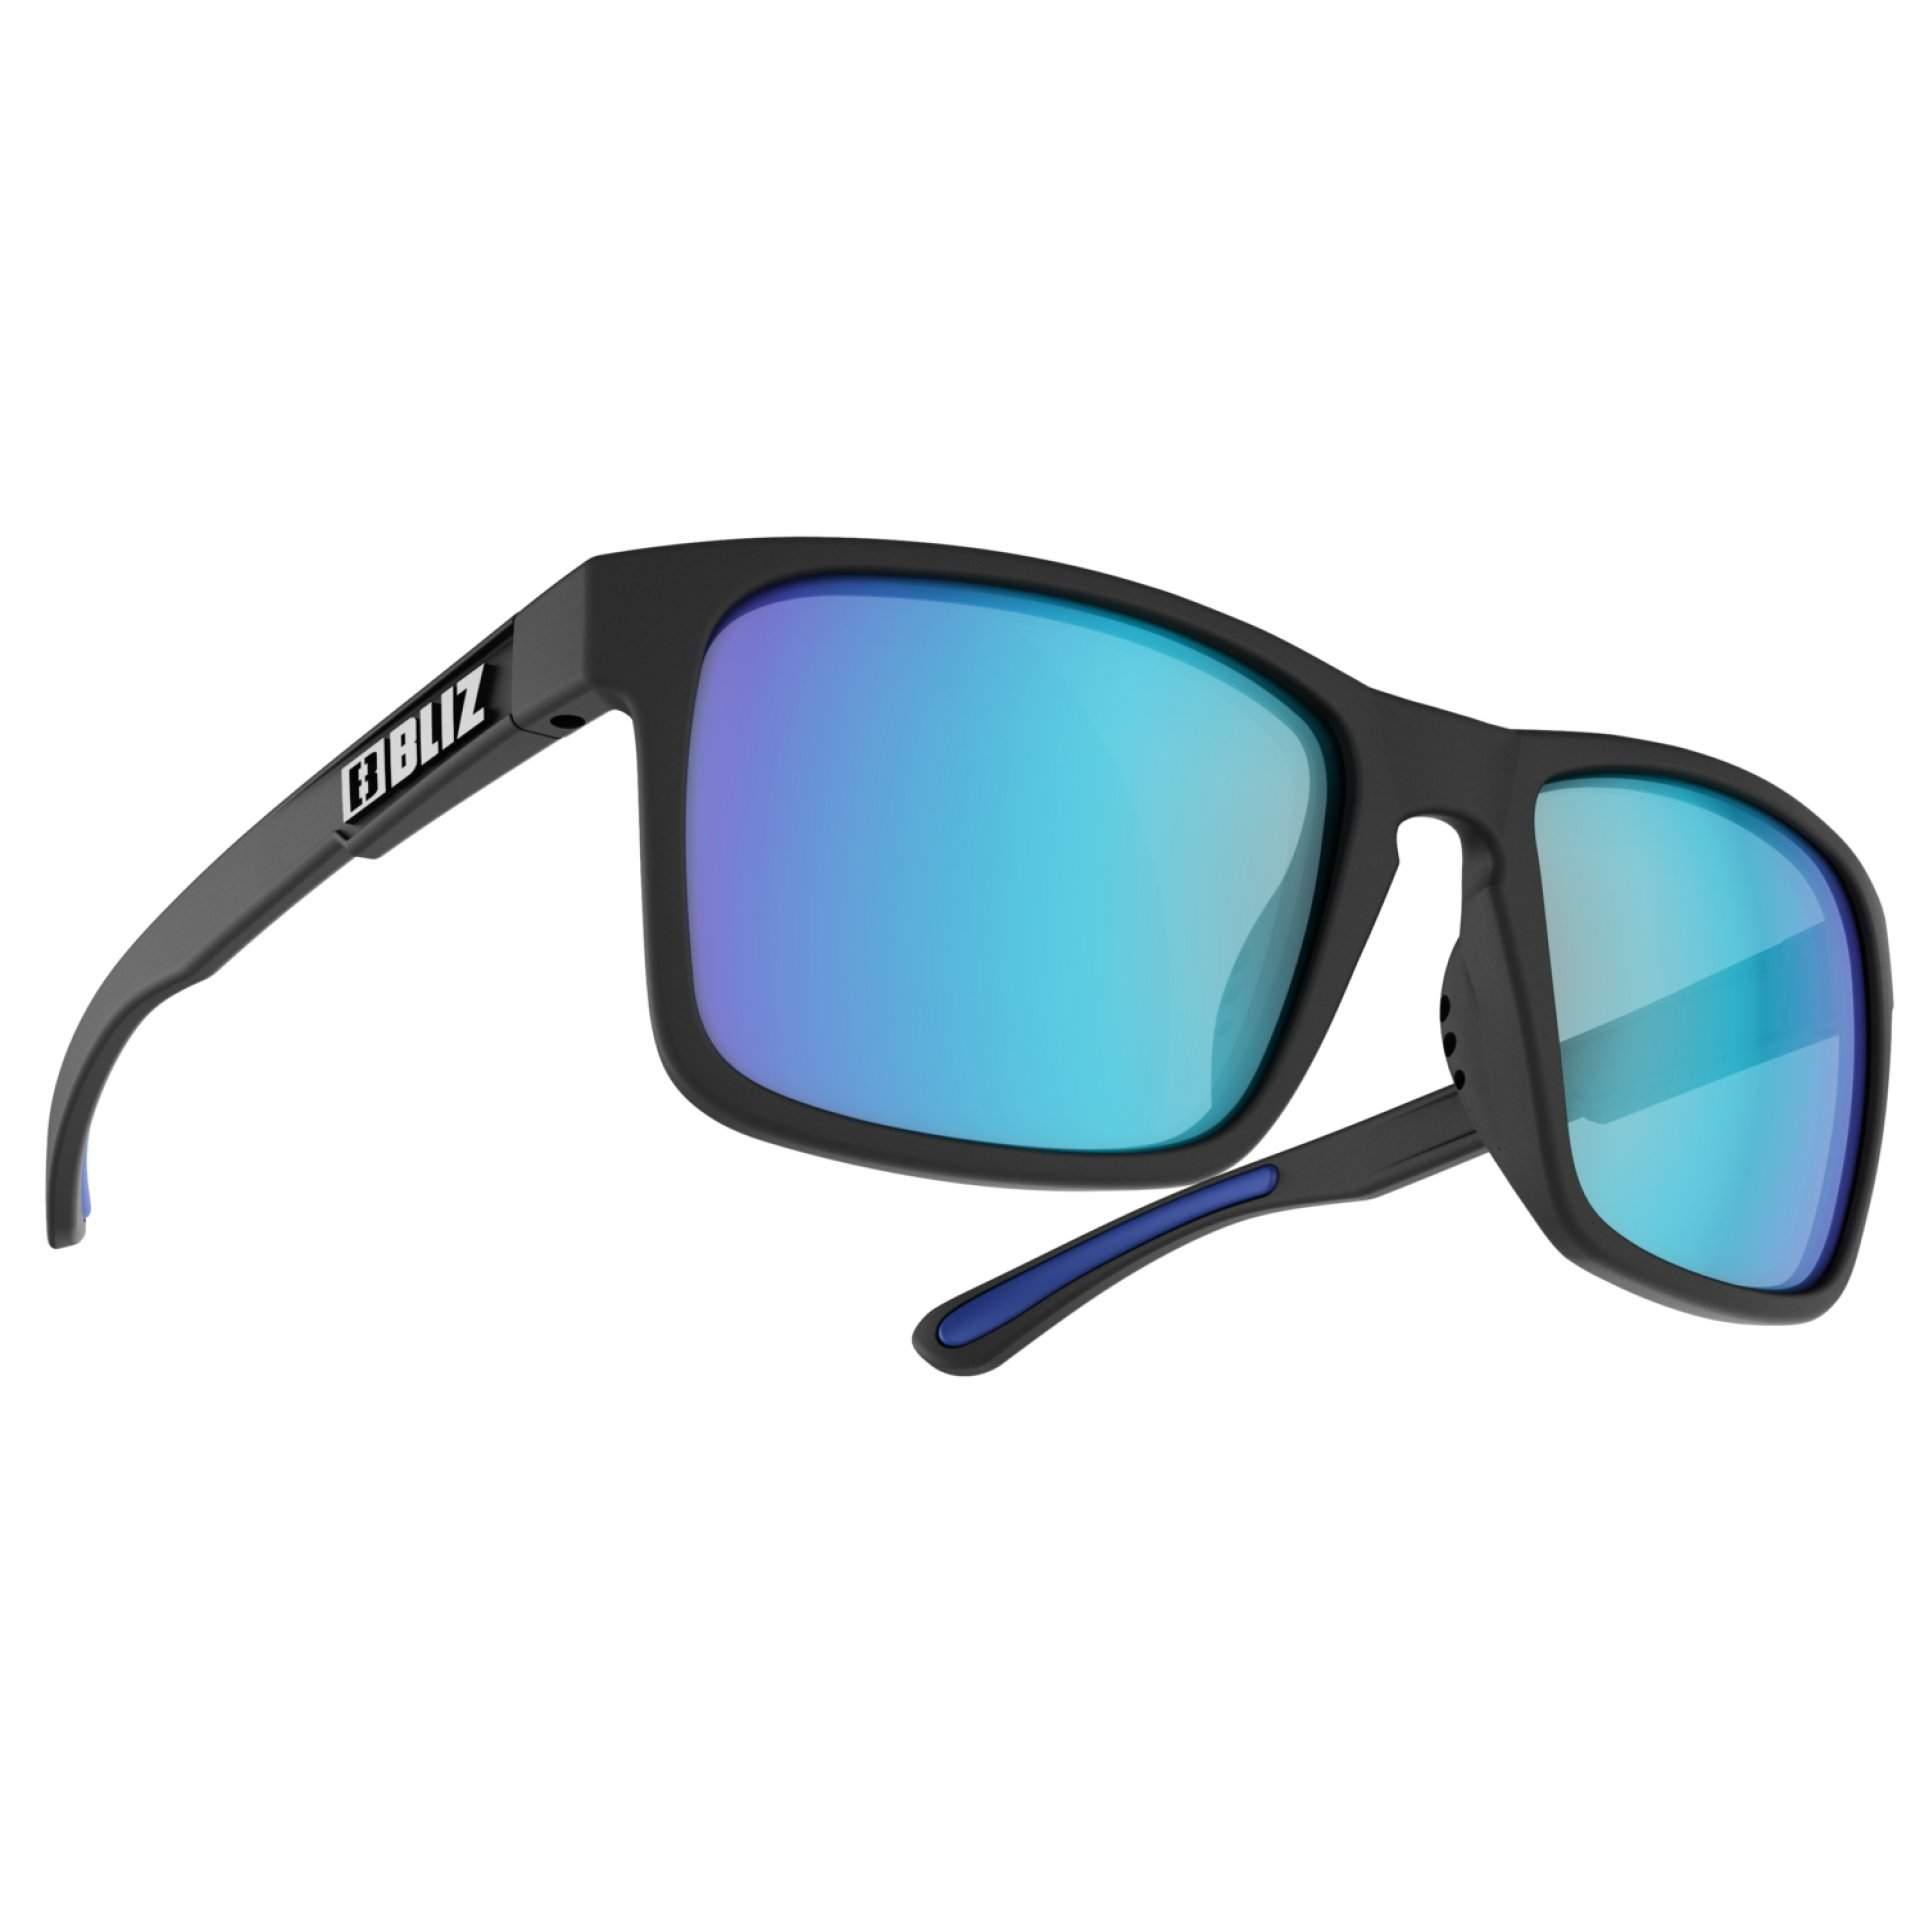 OKULARY BLIZ LUNA BLACK SMOKE W BLUE MULTI 54605 13